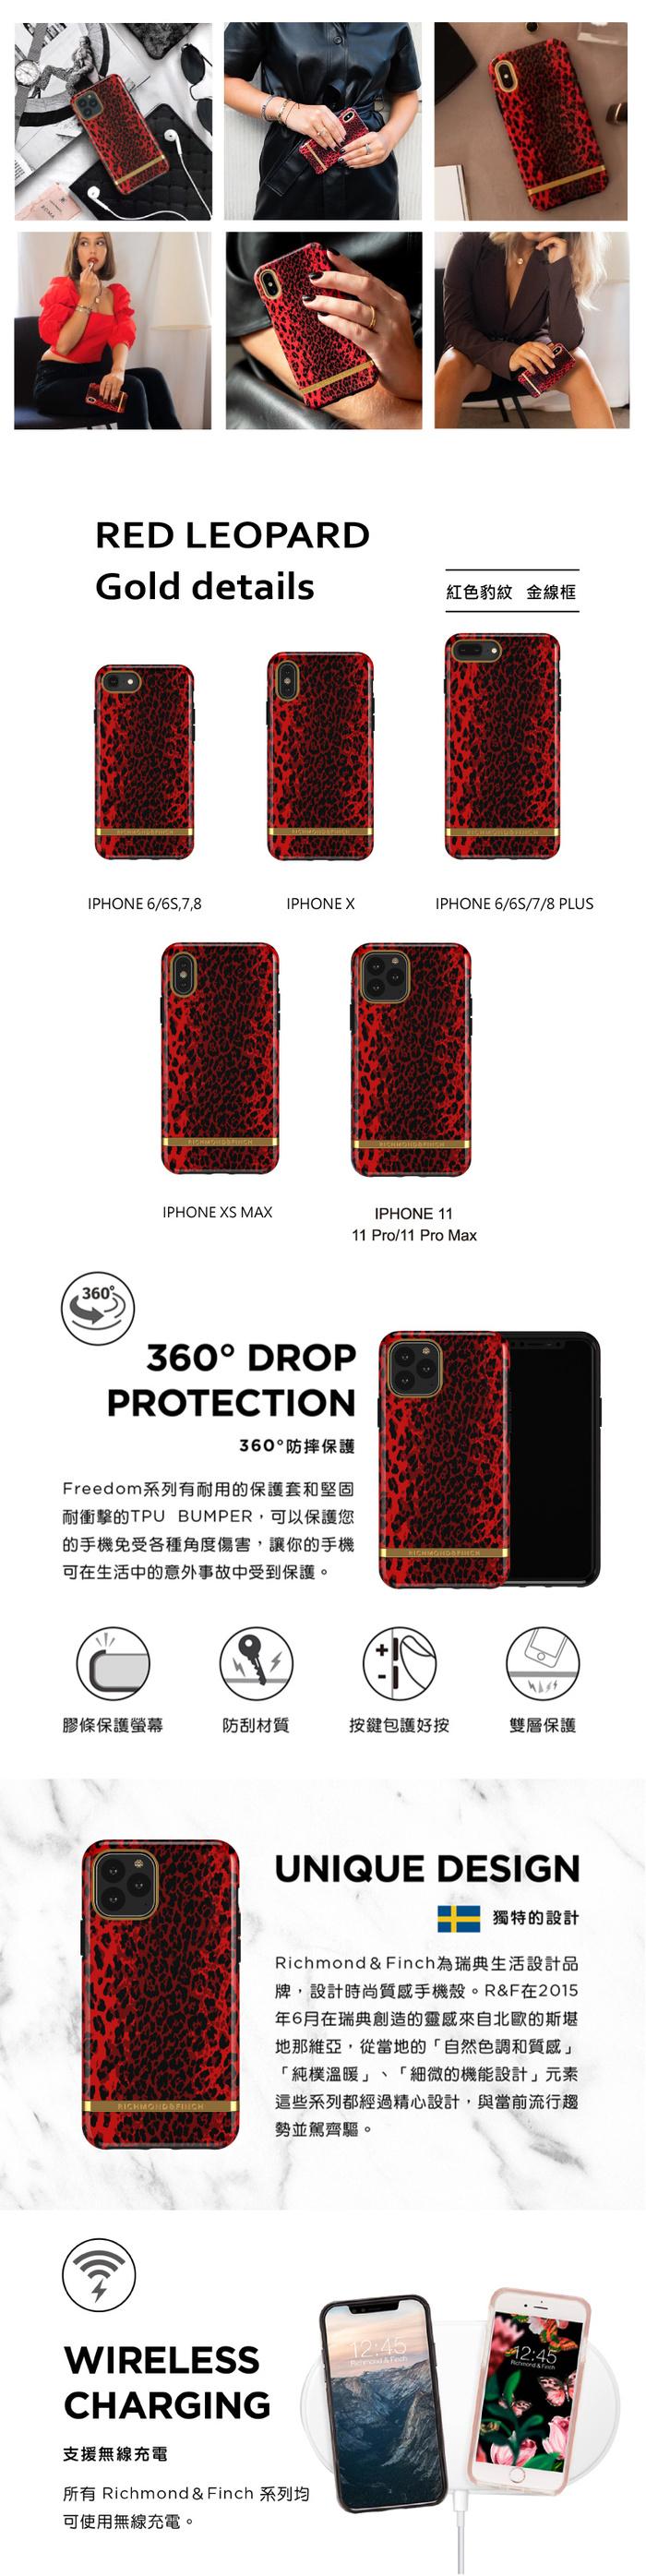 (複製)Richmond & Finch│iPhone 6/7/8(4.7吋)粉紅結 金線框手機殼